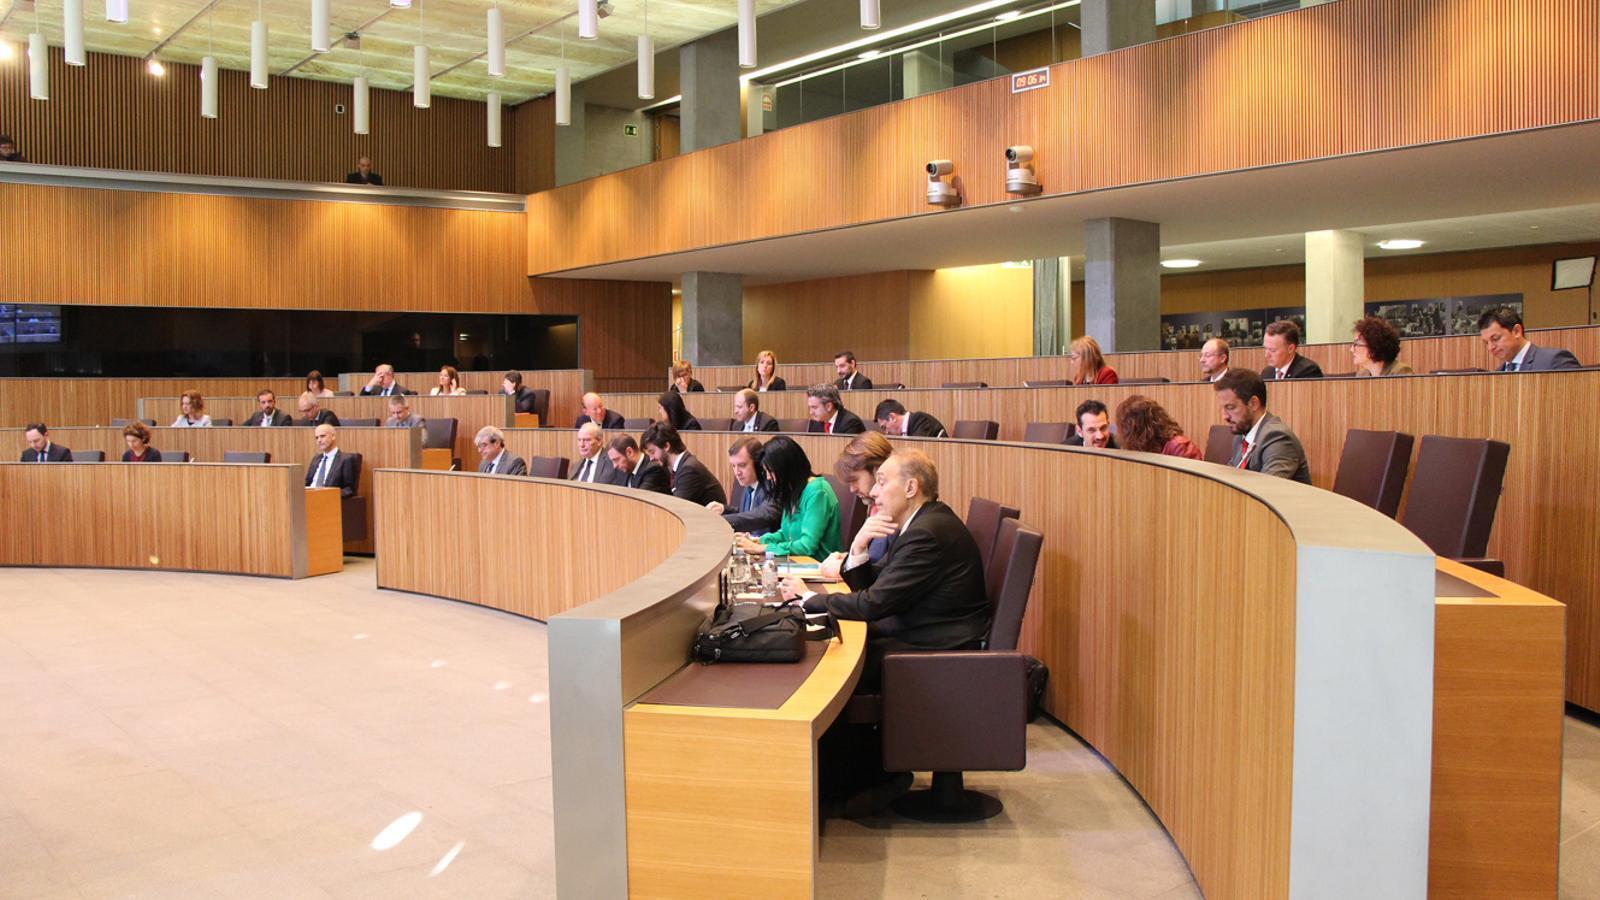 Un moment de la sessió de Consell General celebrada aquest dijous. / M. F. (ANA)